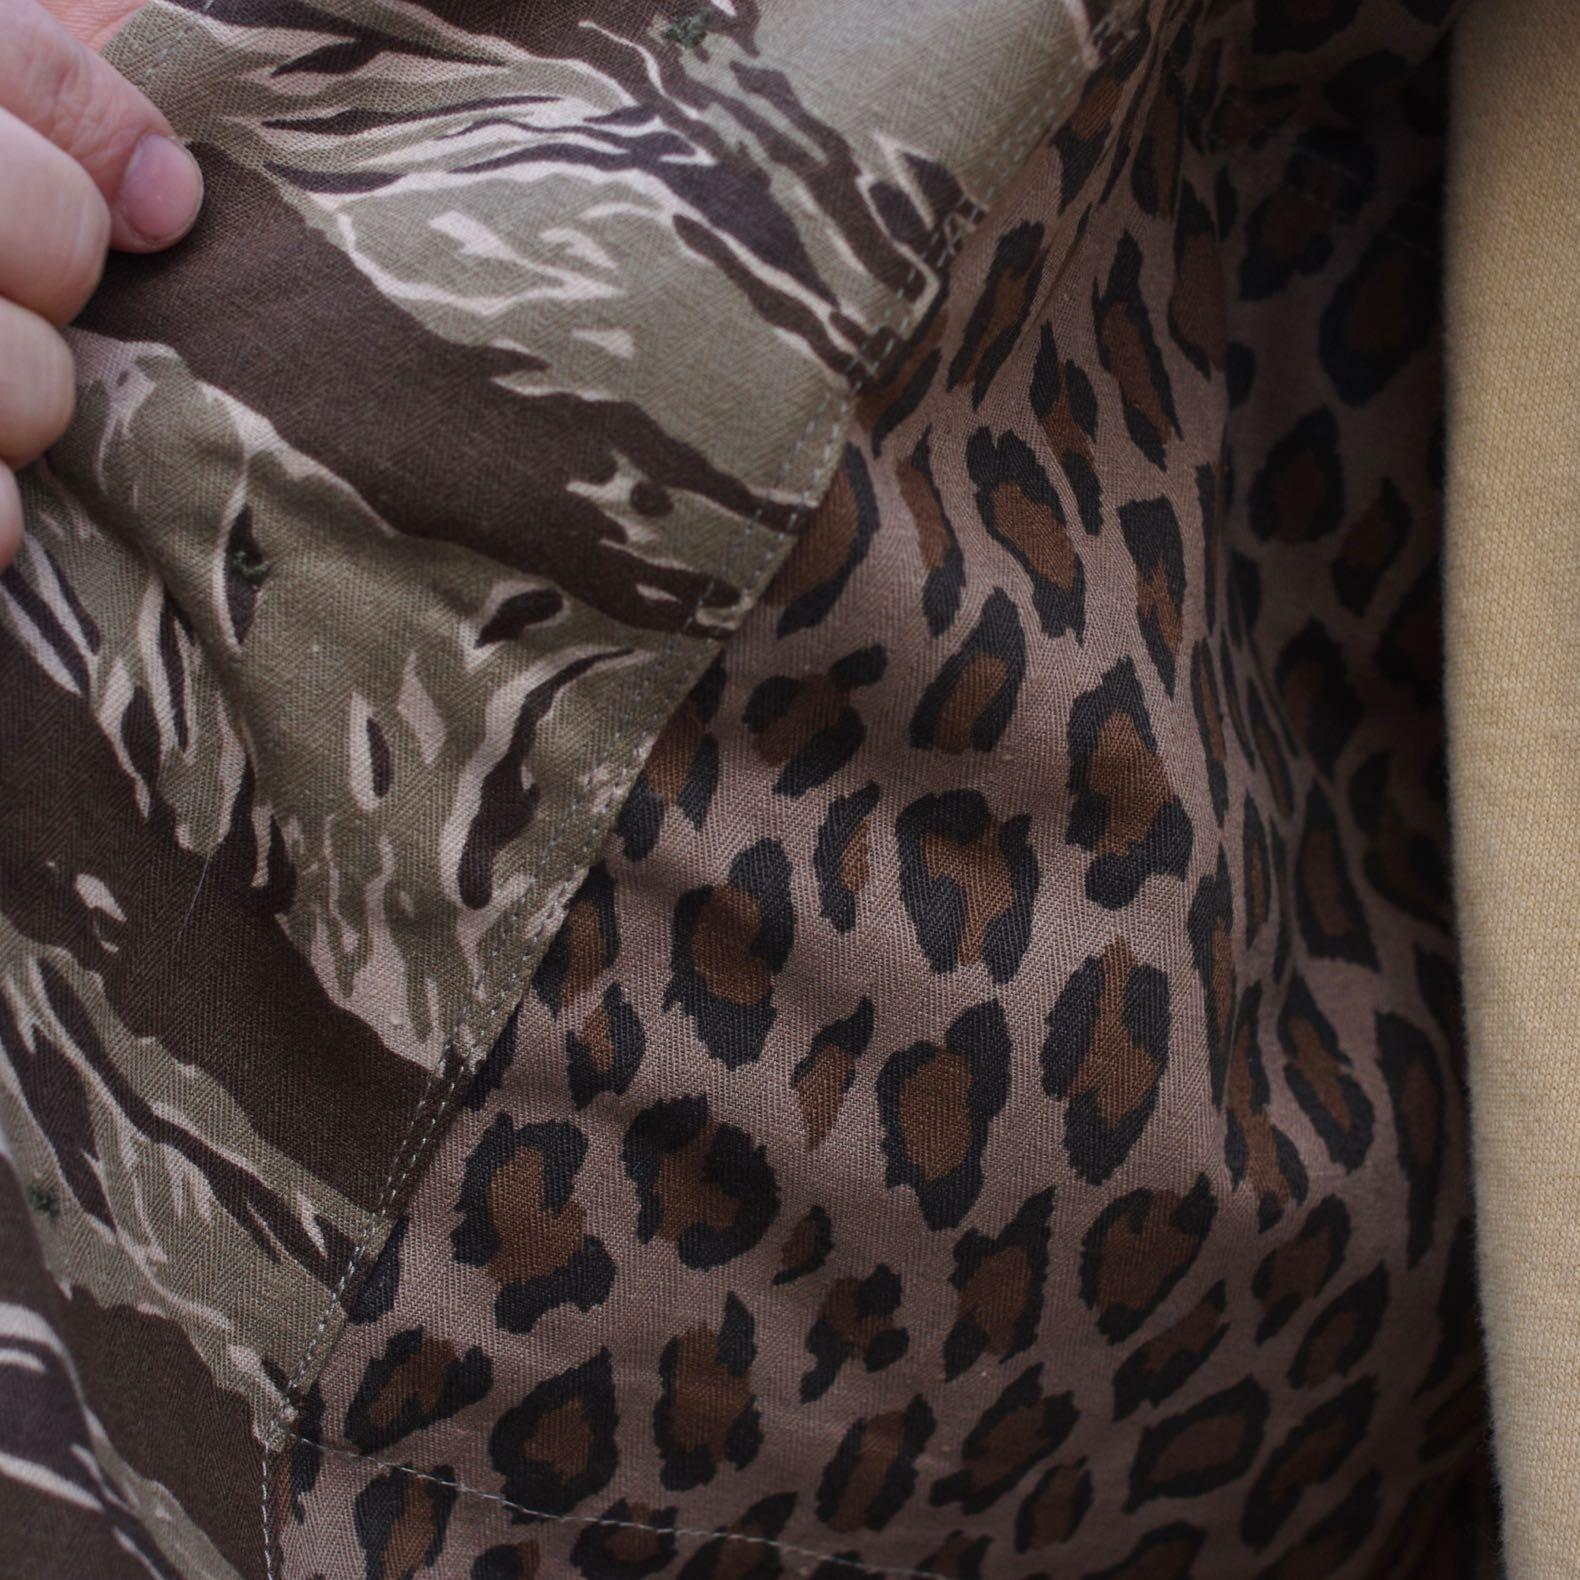 tissu militaire e coton HBt imprimé motif léopard et camo tiger stripe arashi denim